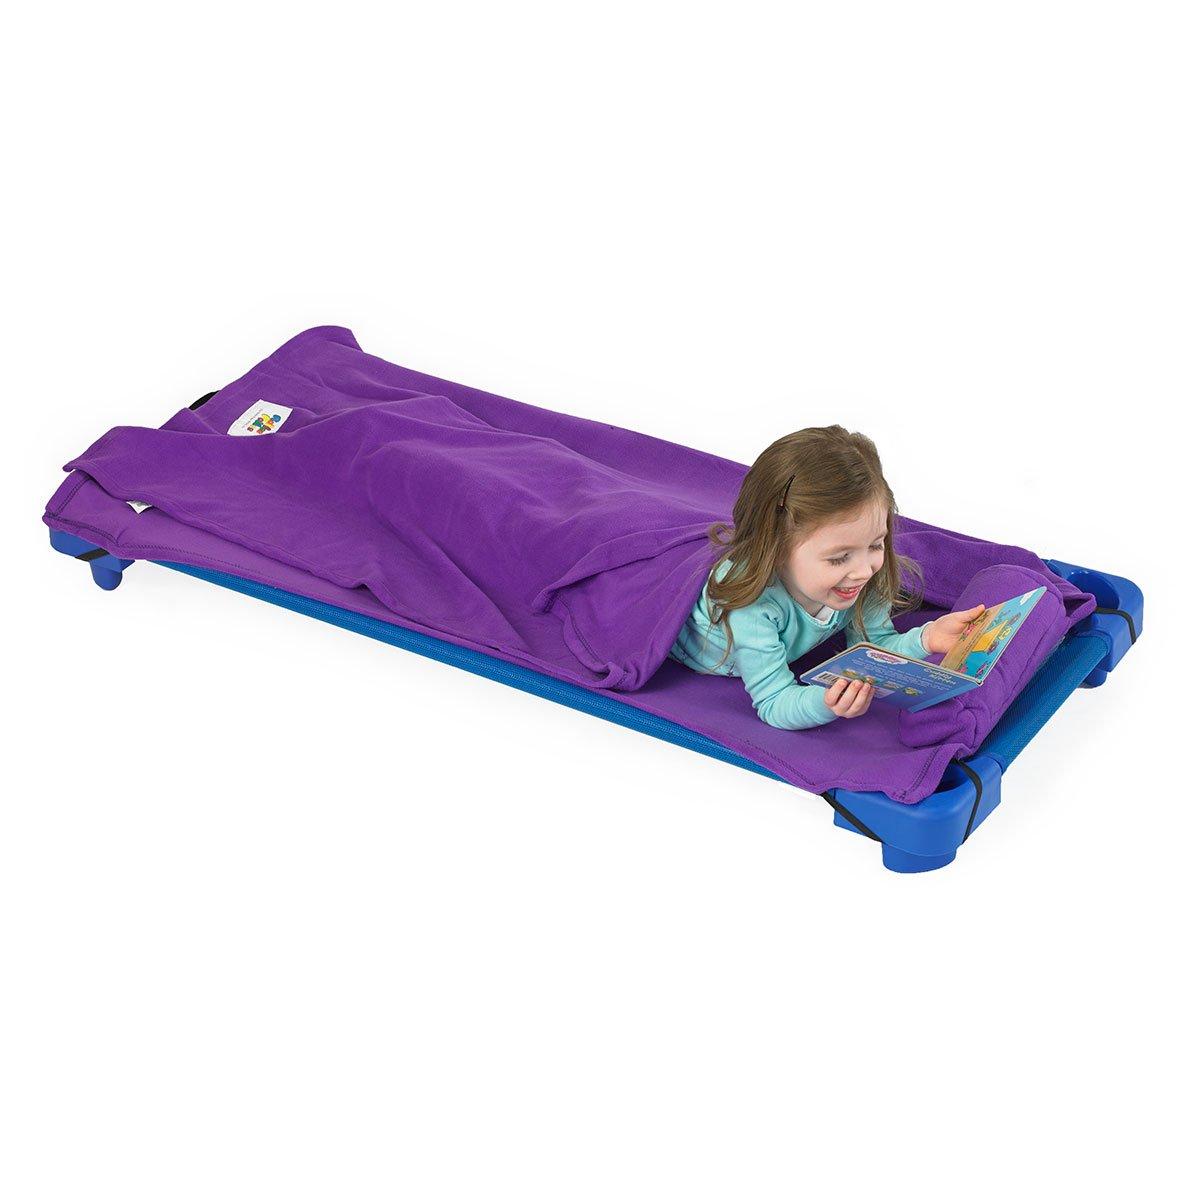 Lightweight Mats Daycare Children Sleeping Bag Kids Nap Mat